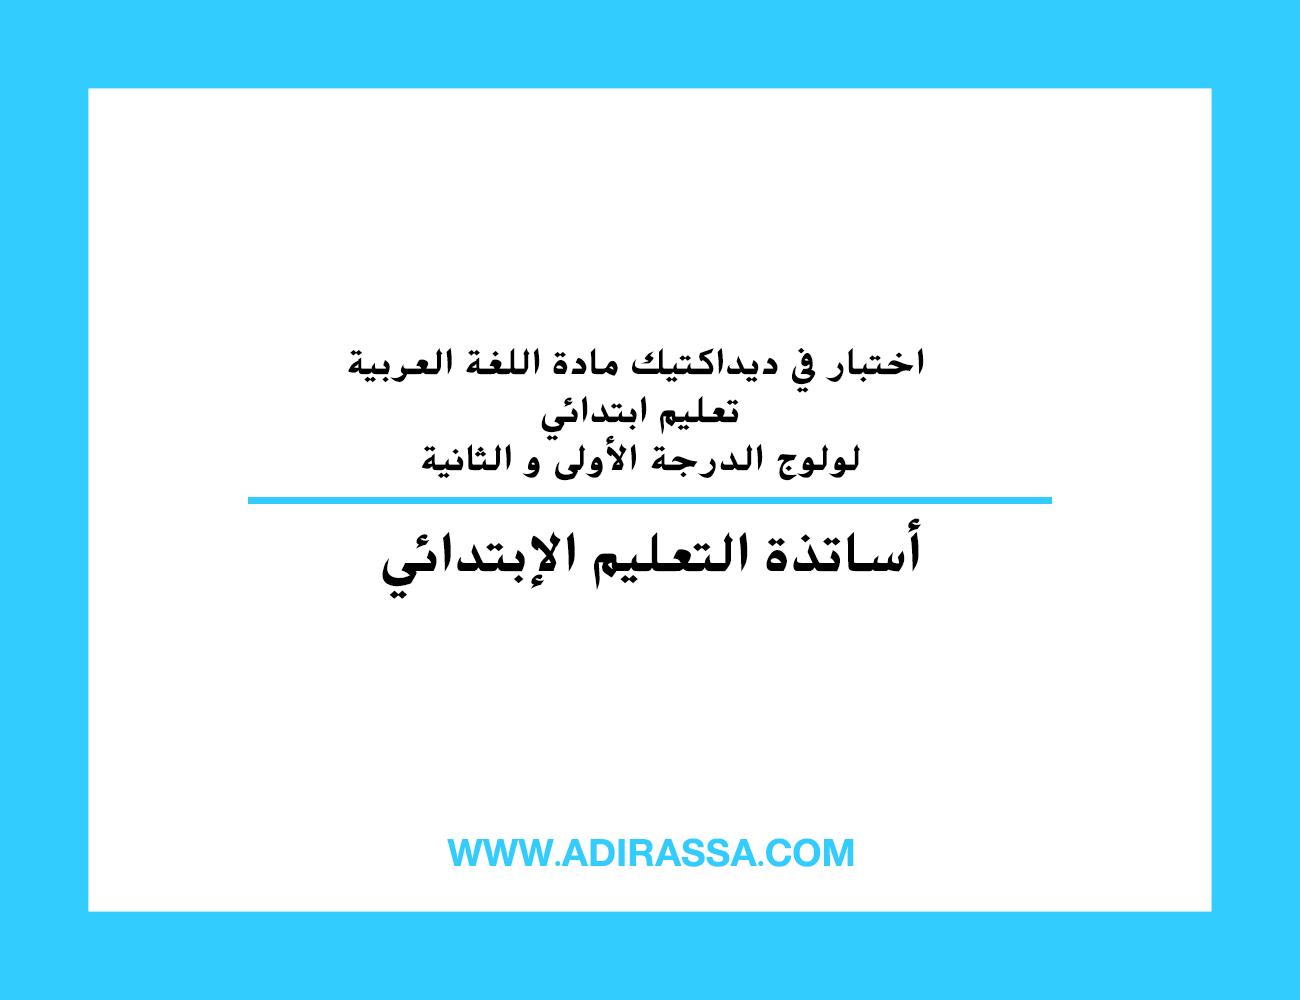 اختبار في ديداكتيك مادة اللغة العربية تعليم ابتدائي لولوج الدرجة الأولى و الثانية